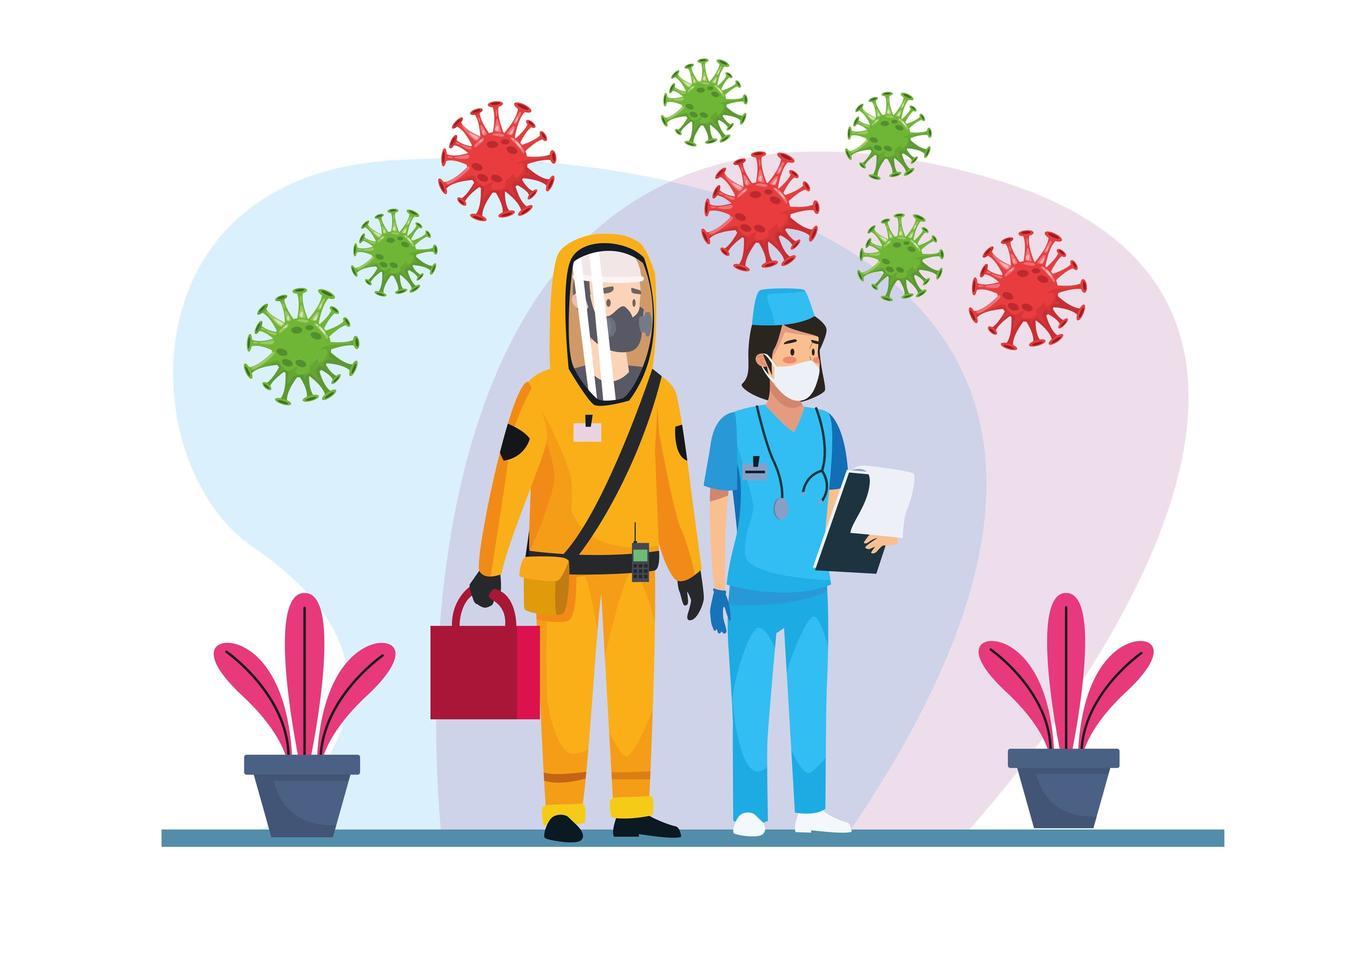 persona addetta alle pulizie a rischio biologico con infermiera e covid19 vettore